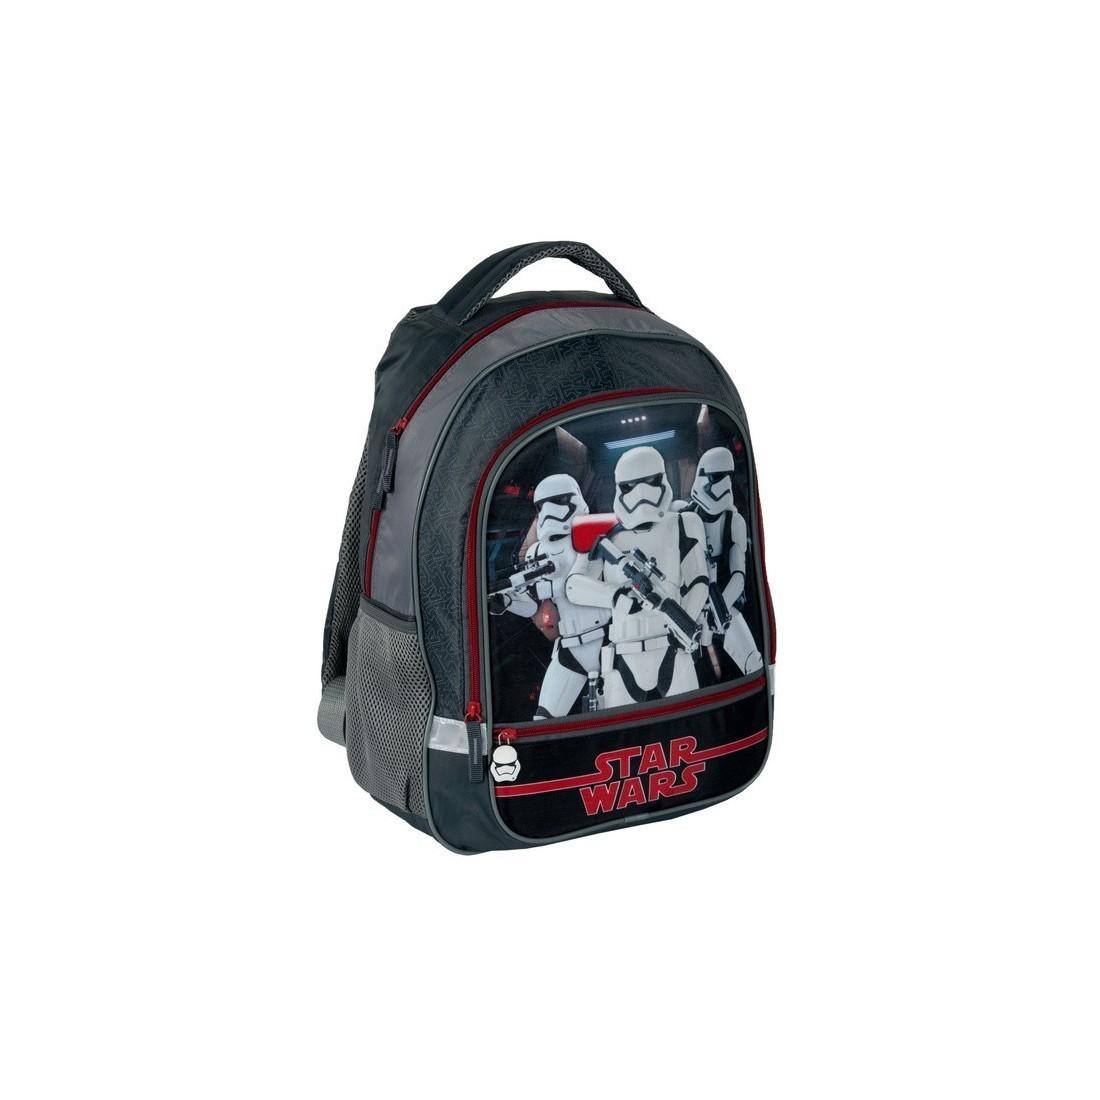 9cc1c9e9532ff Plecak szkolny Star Wars czarny ze Szturmowcami - plecak-tornister.pl